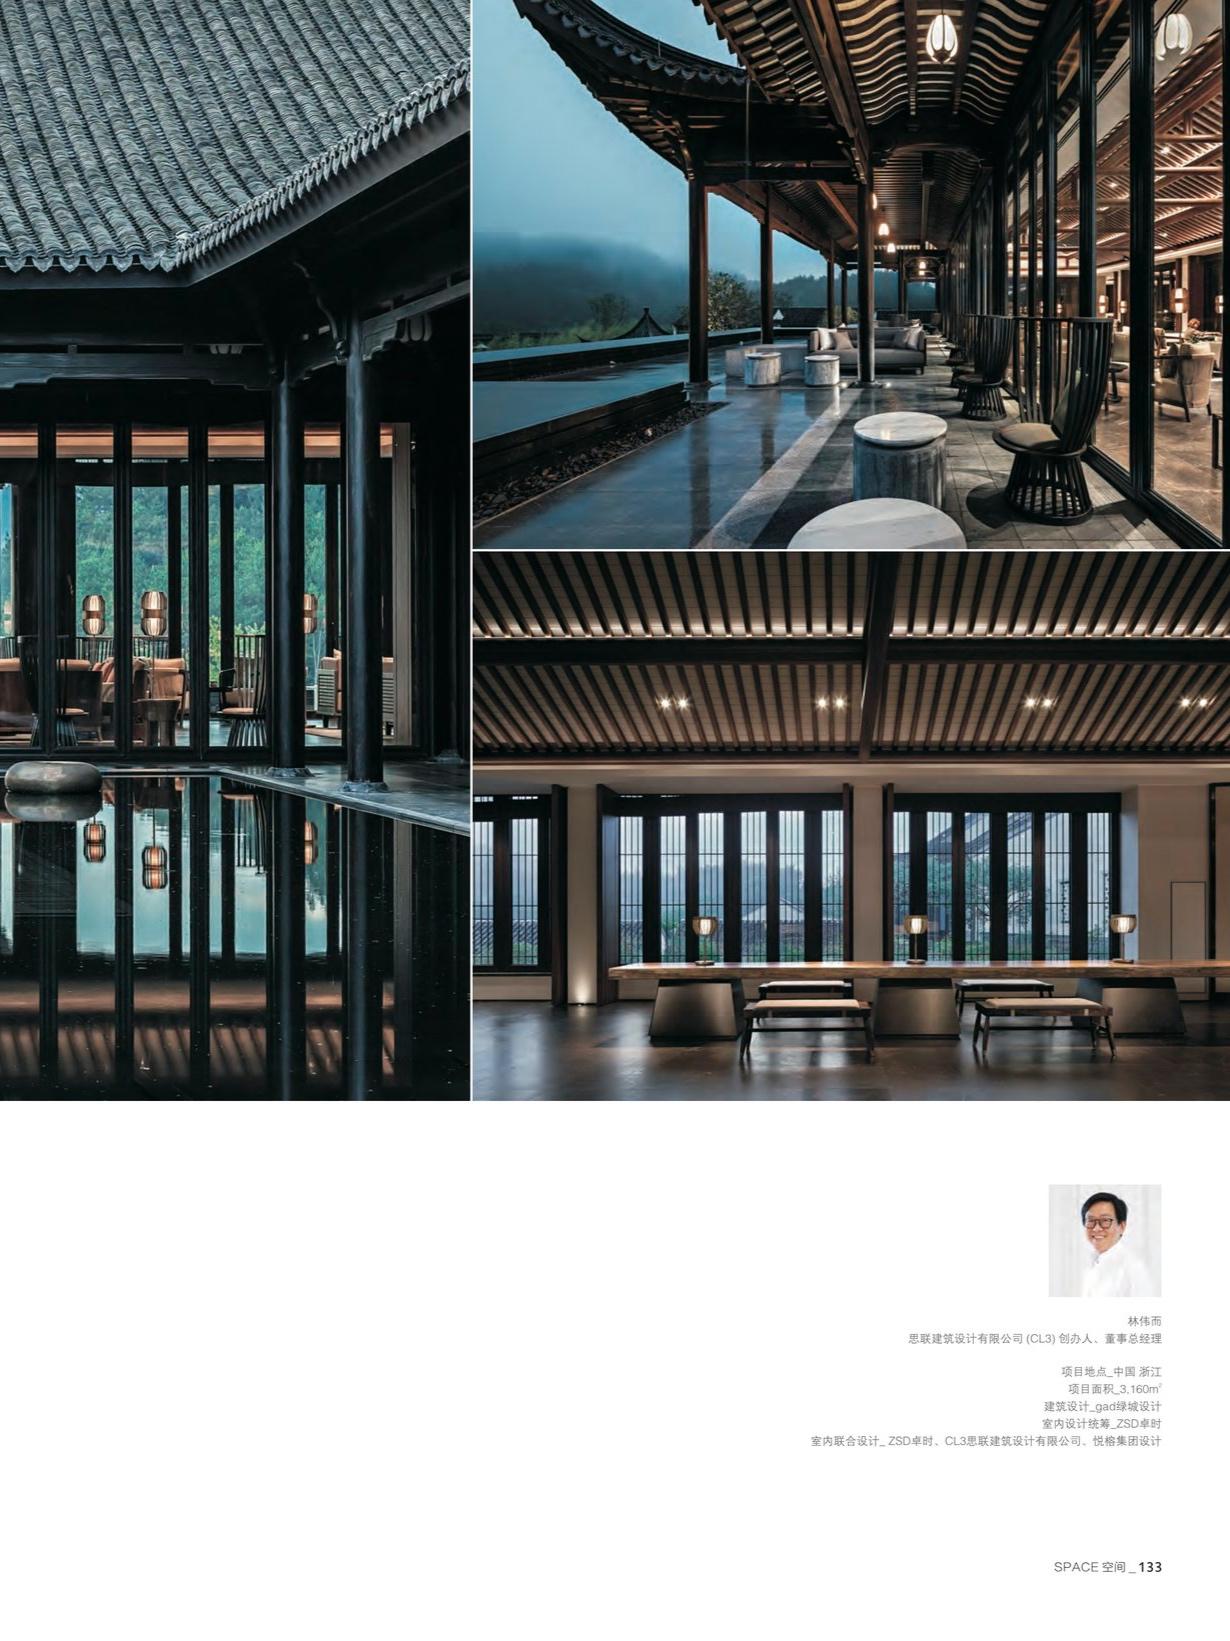 201902 现代装饰  安吉悦榕庄度假酒店1.jpg